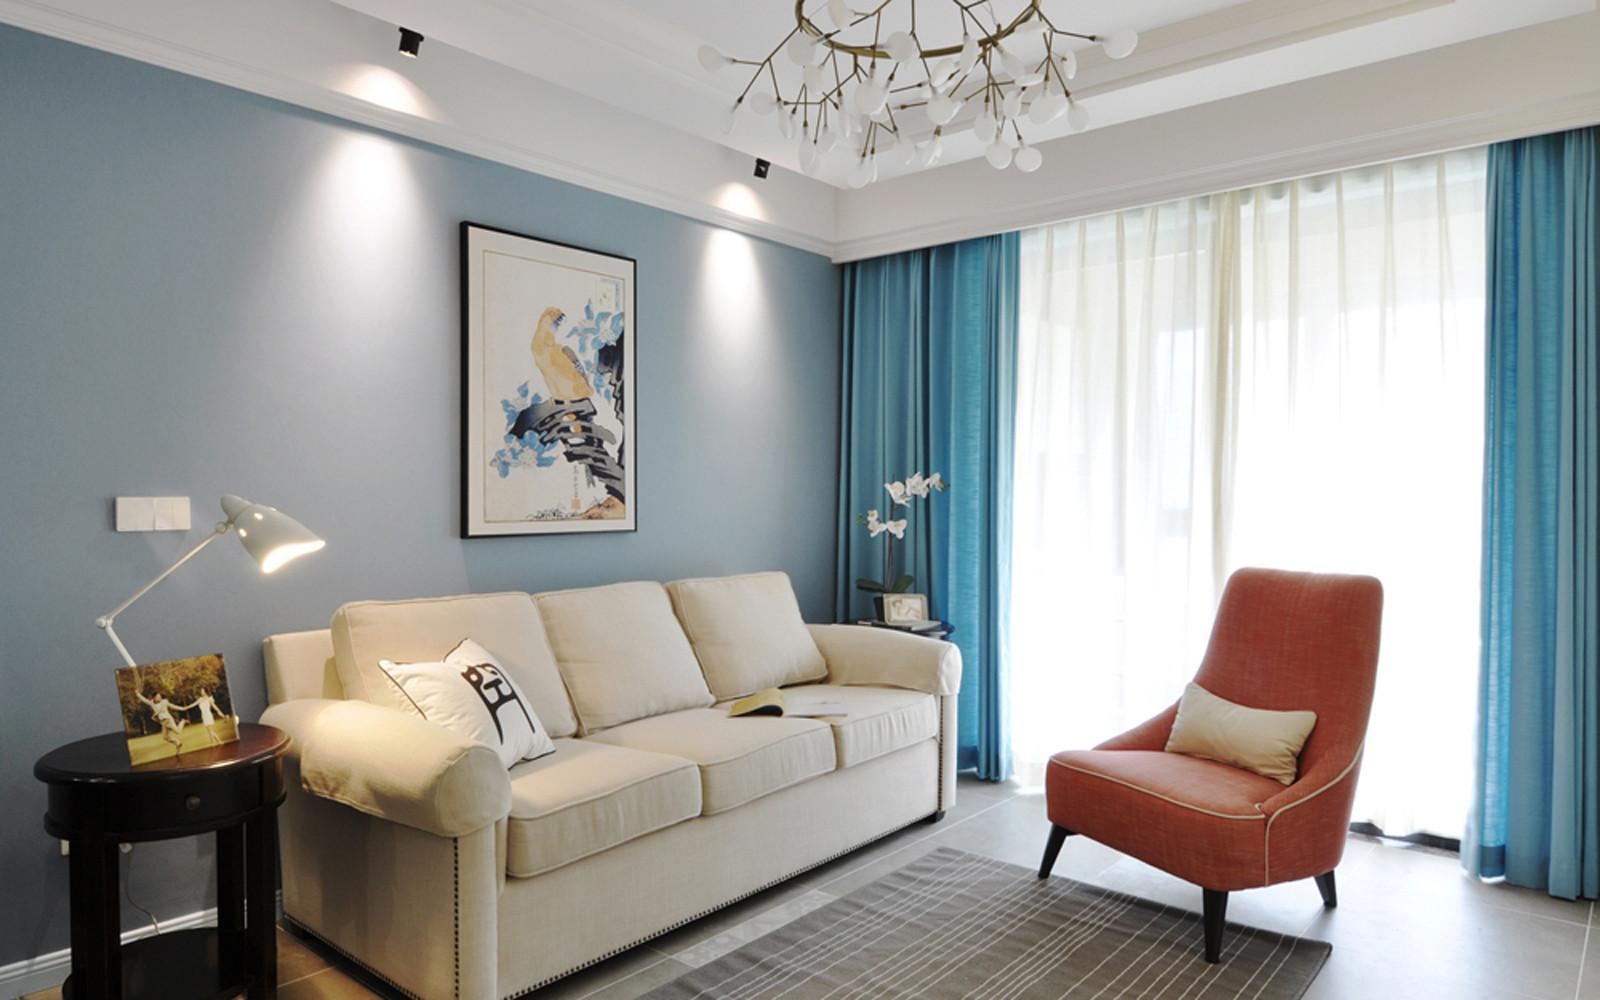 二居室美式风格家窗帘图片